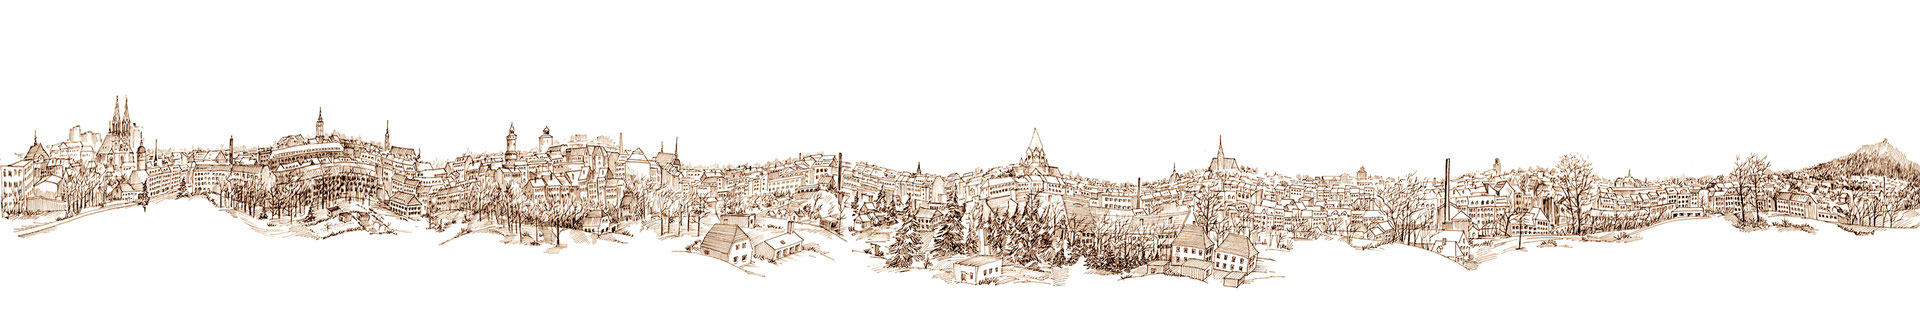 Görlitz - Panorama